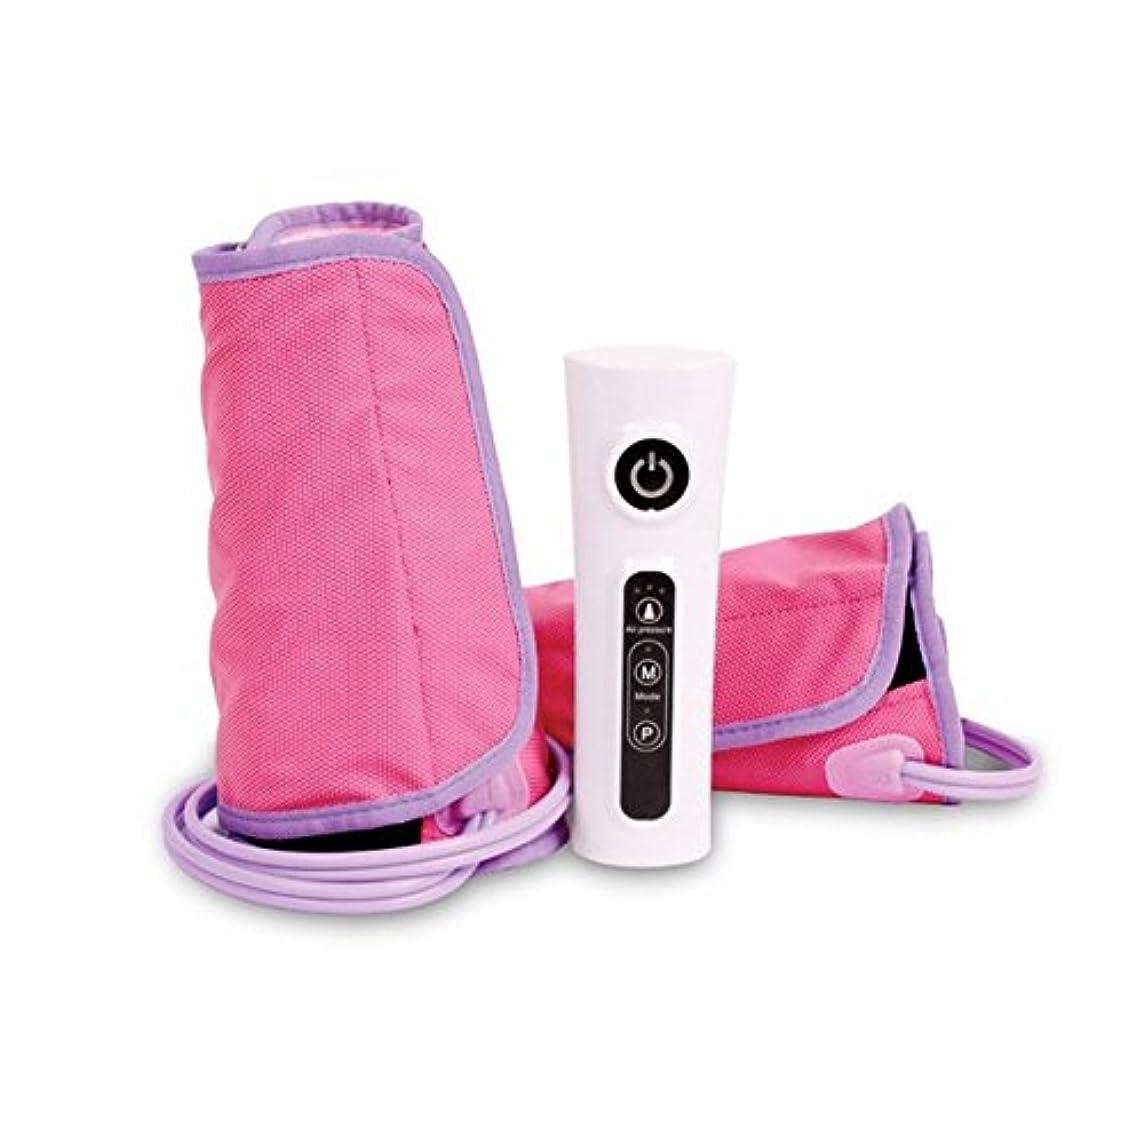 サービス統合するチャレンジZespa ZP418 Rechargeable Line slimming Air Compression calf Leg Arm Foot Massager 360 rotary air pressure massage...